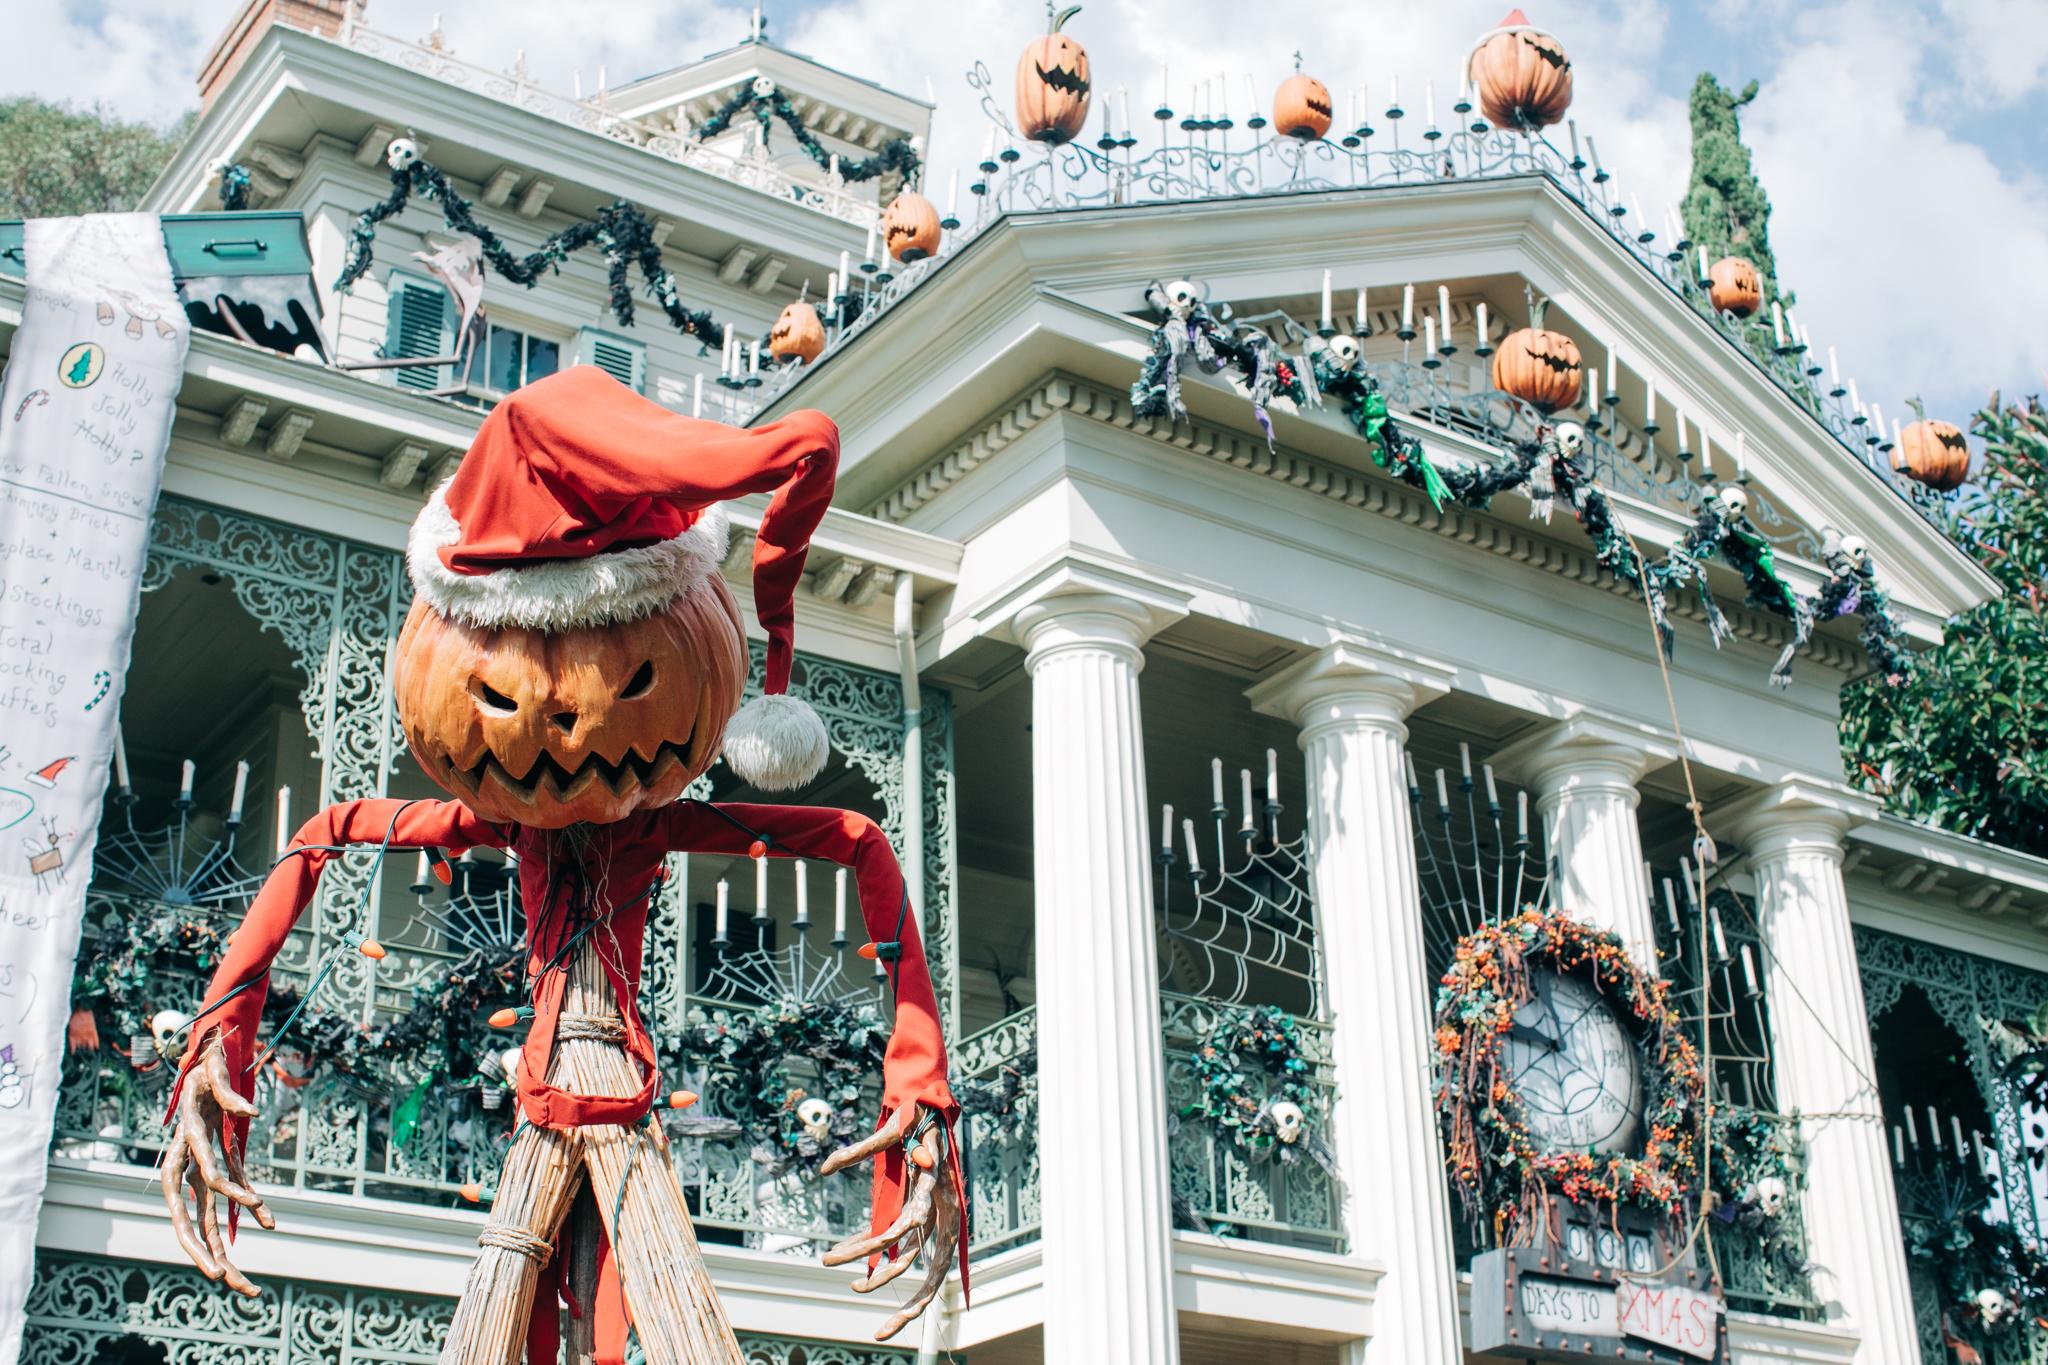 BabyBoyBakery_Disneyland_LilyRo-31.jpg